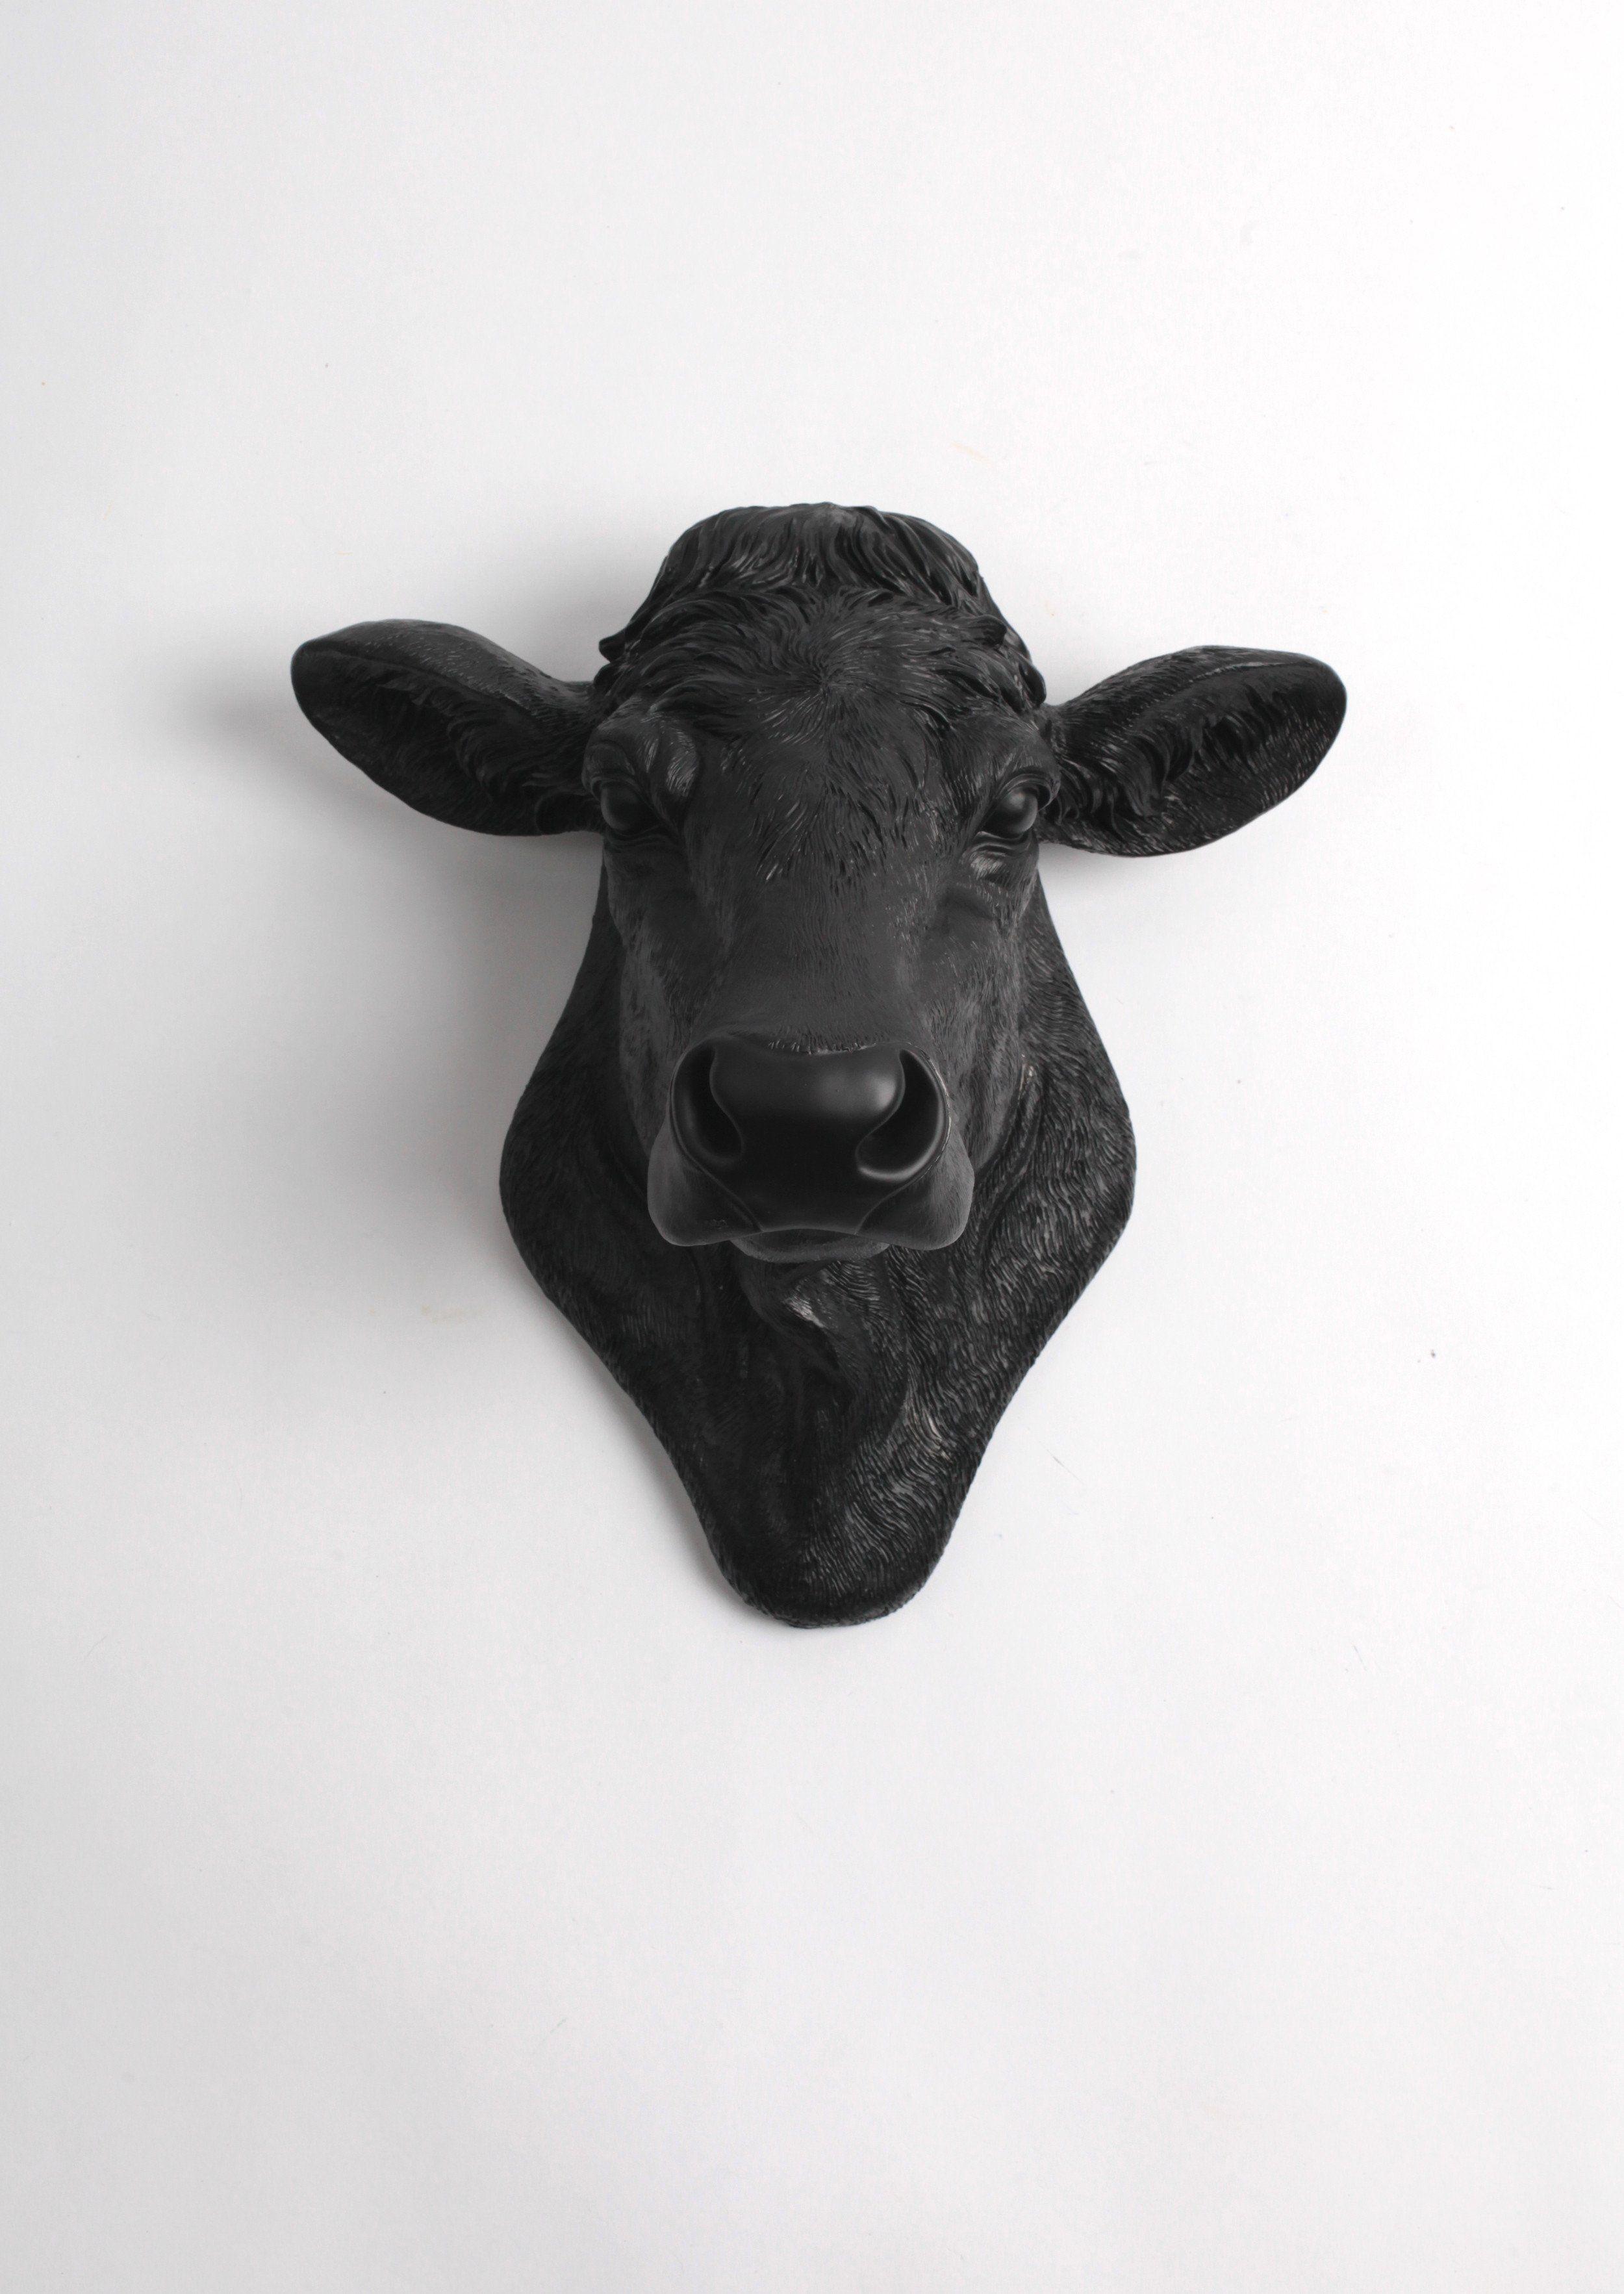 The Bessie In Black Cow Head Wall Decor Black Angus Art White Faux Taxidermy Cow Head Decor White Faux Taxidermy Cow Head